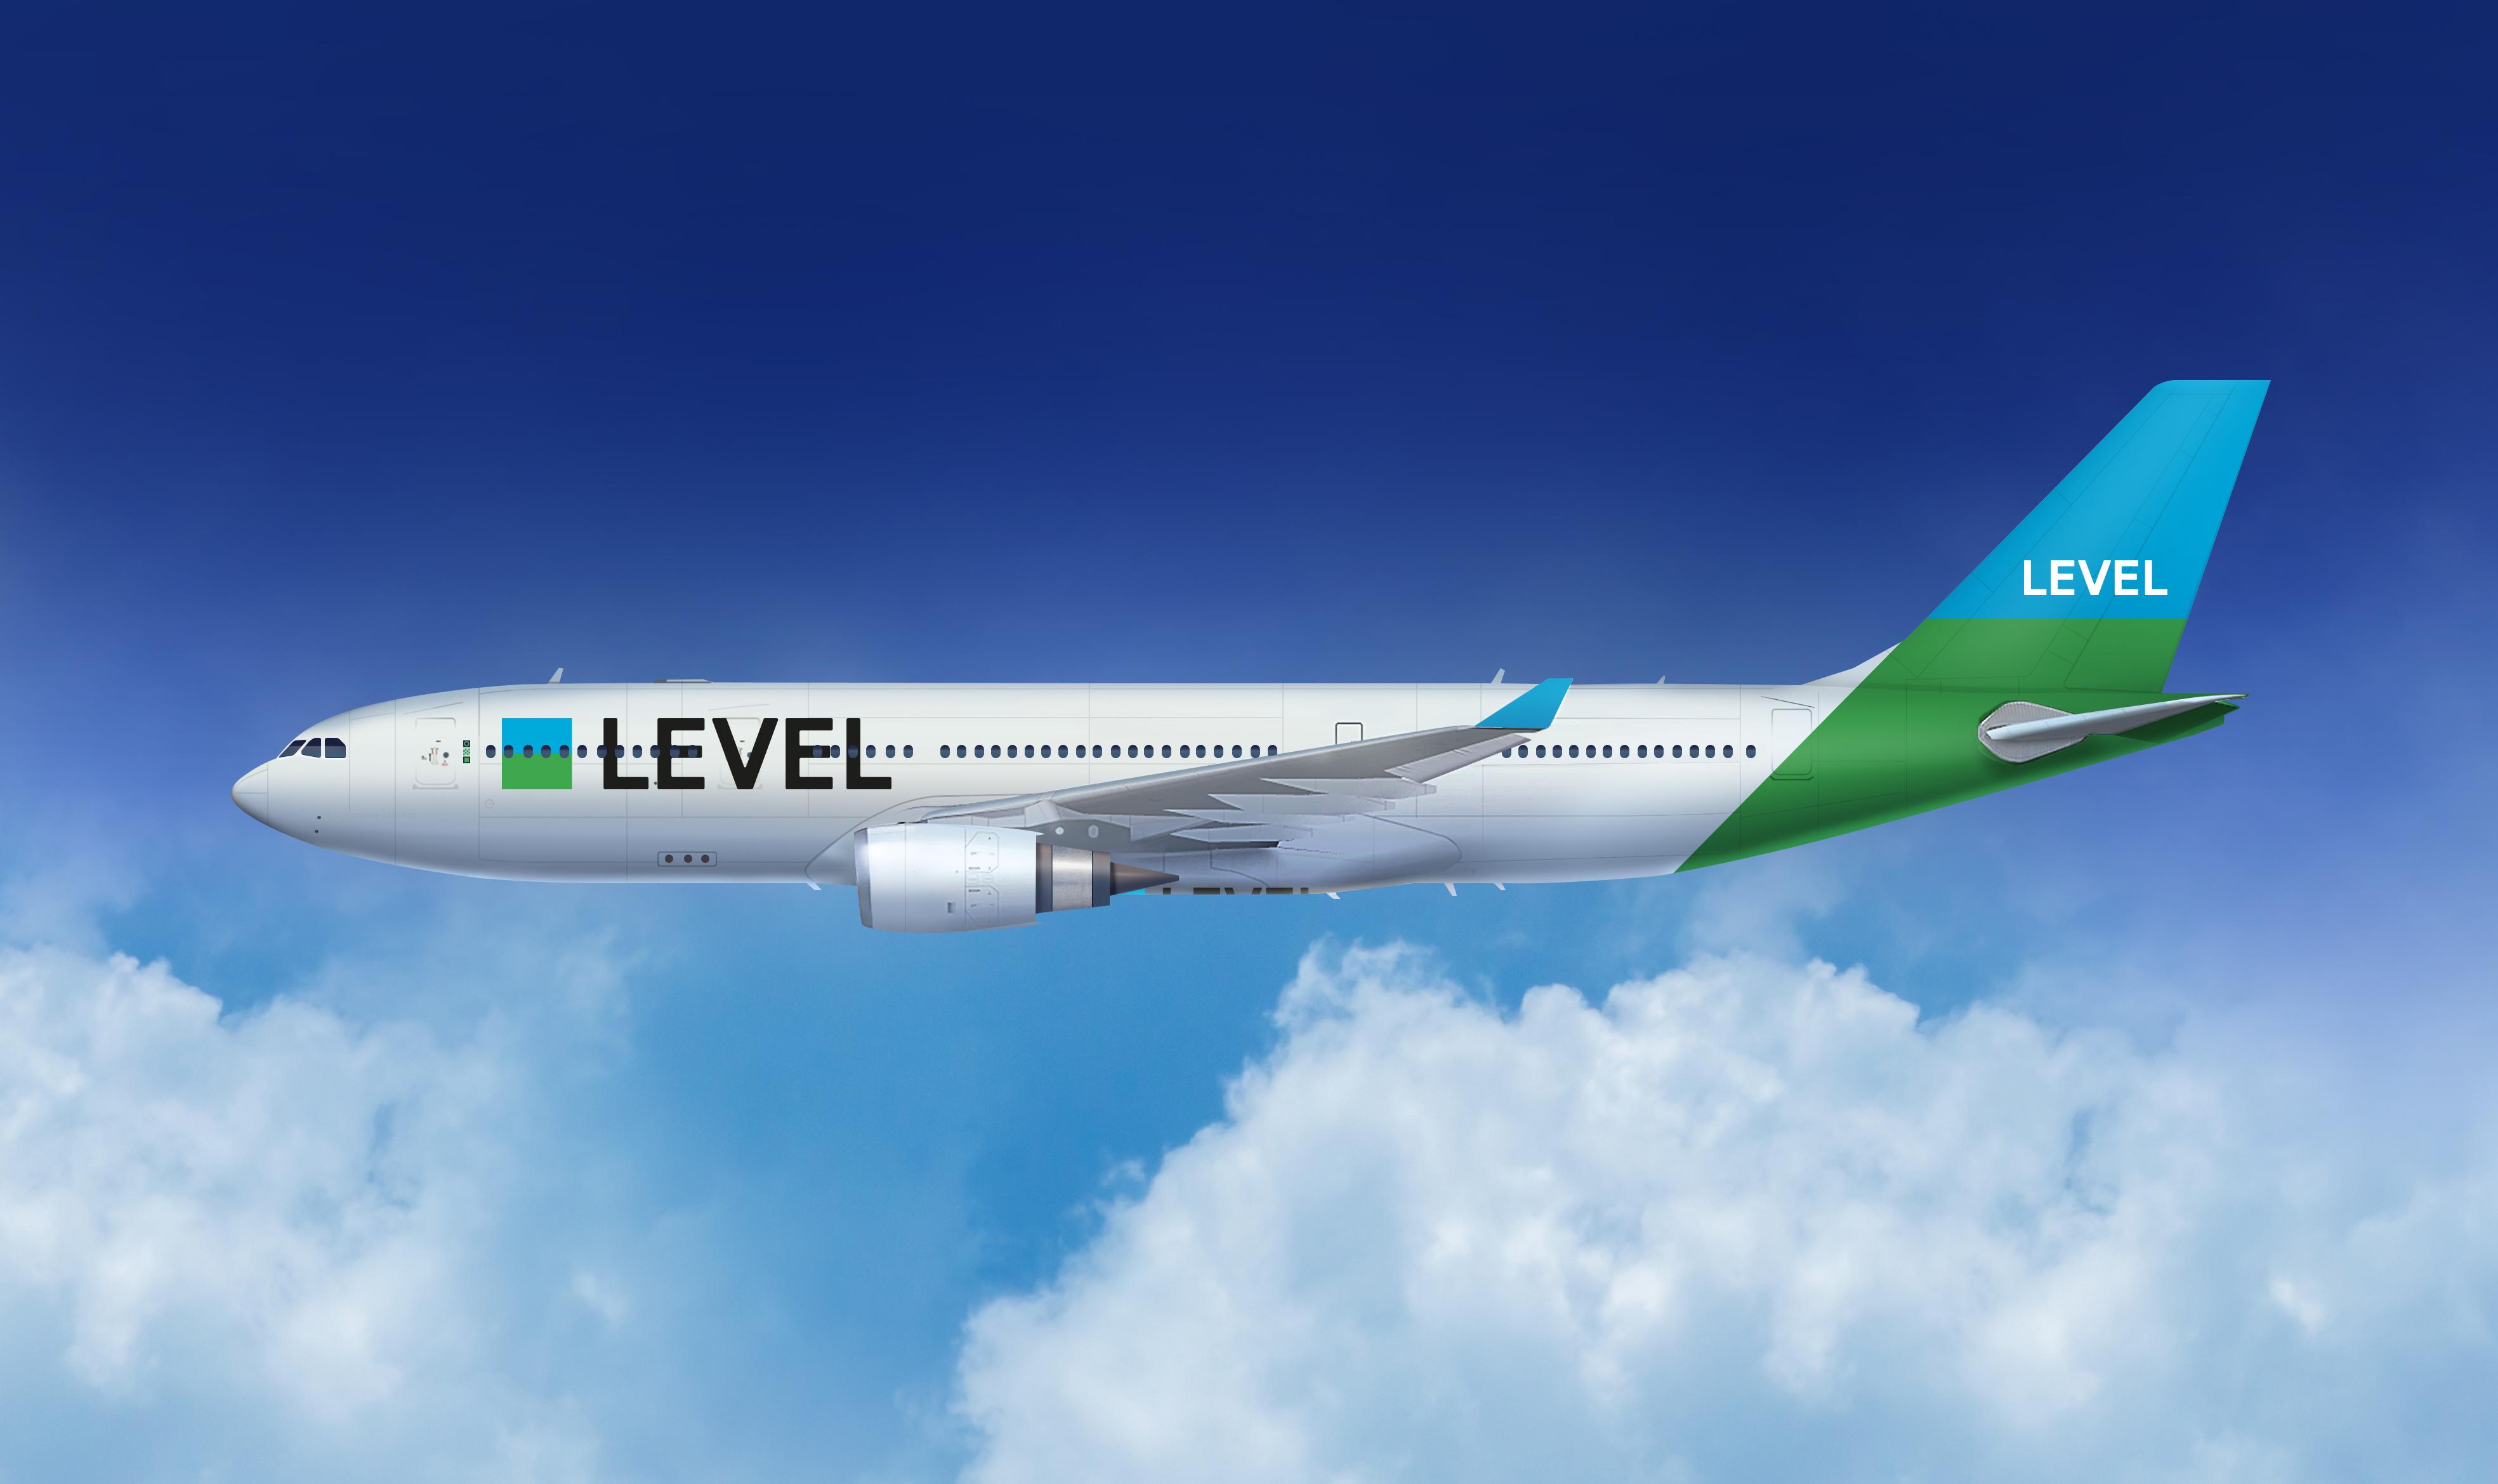 Iag crea level para vuelos largos 39 low cost 39 desde barcelona for Vuelos barcelona paris low cost